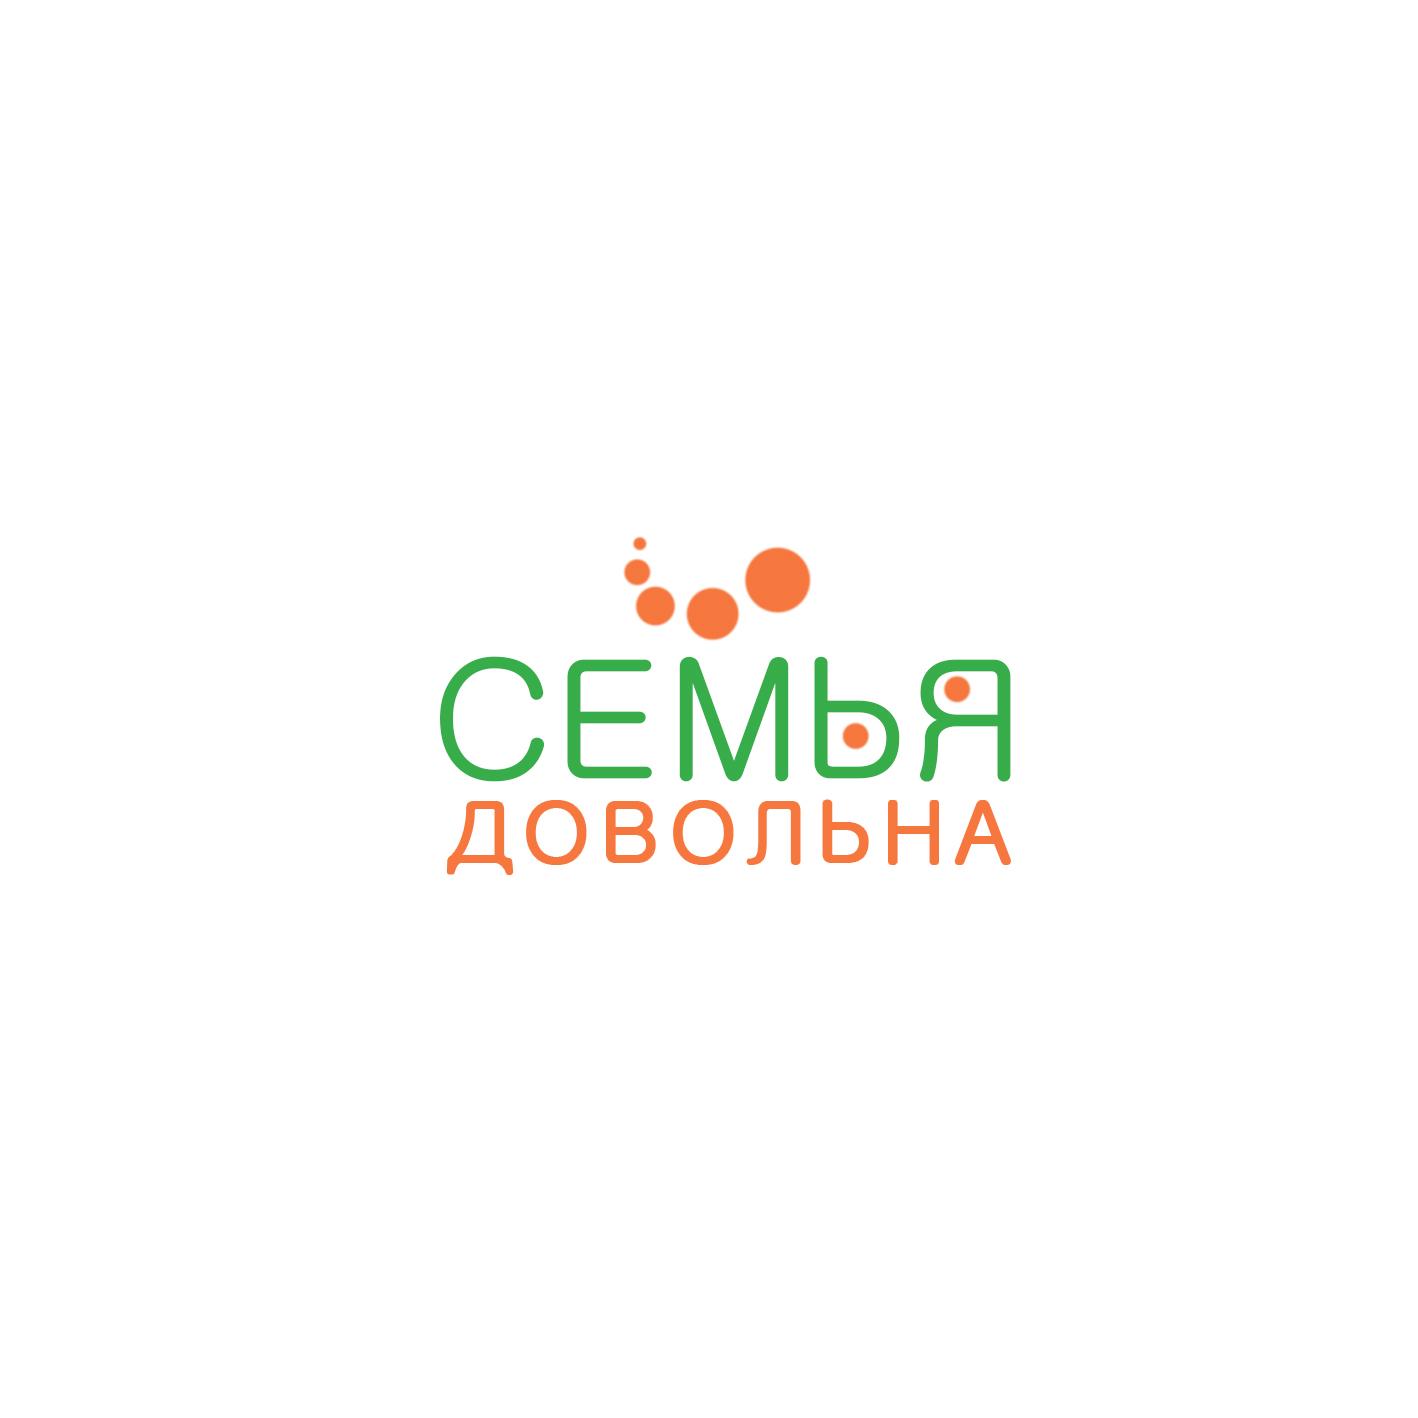 """Разработайте логотип для торговой марки """"Семья довольна"""" фото f_1335b9a7b5a87f75.jpg"""